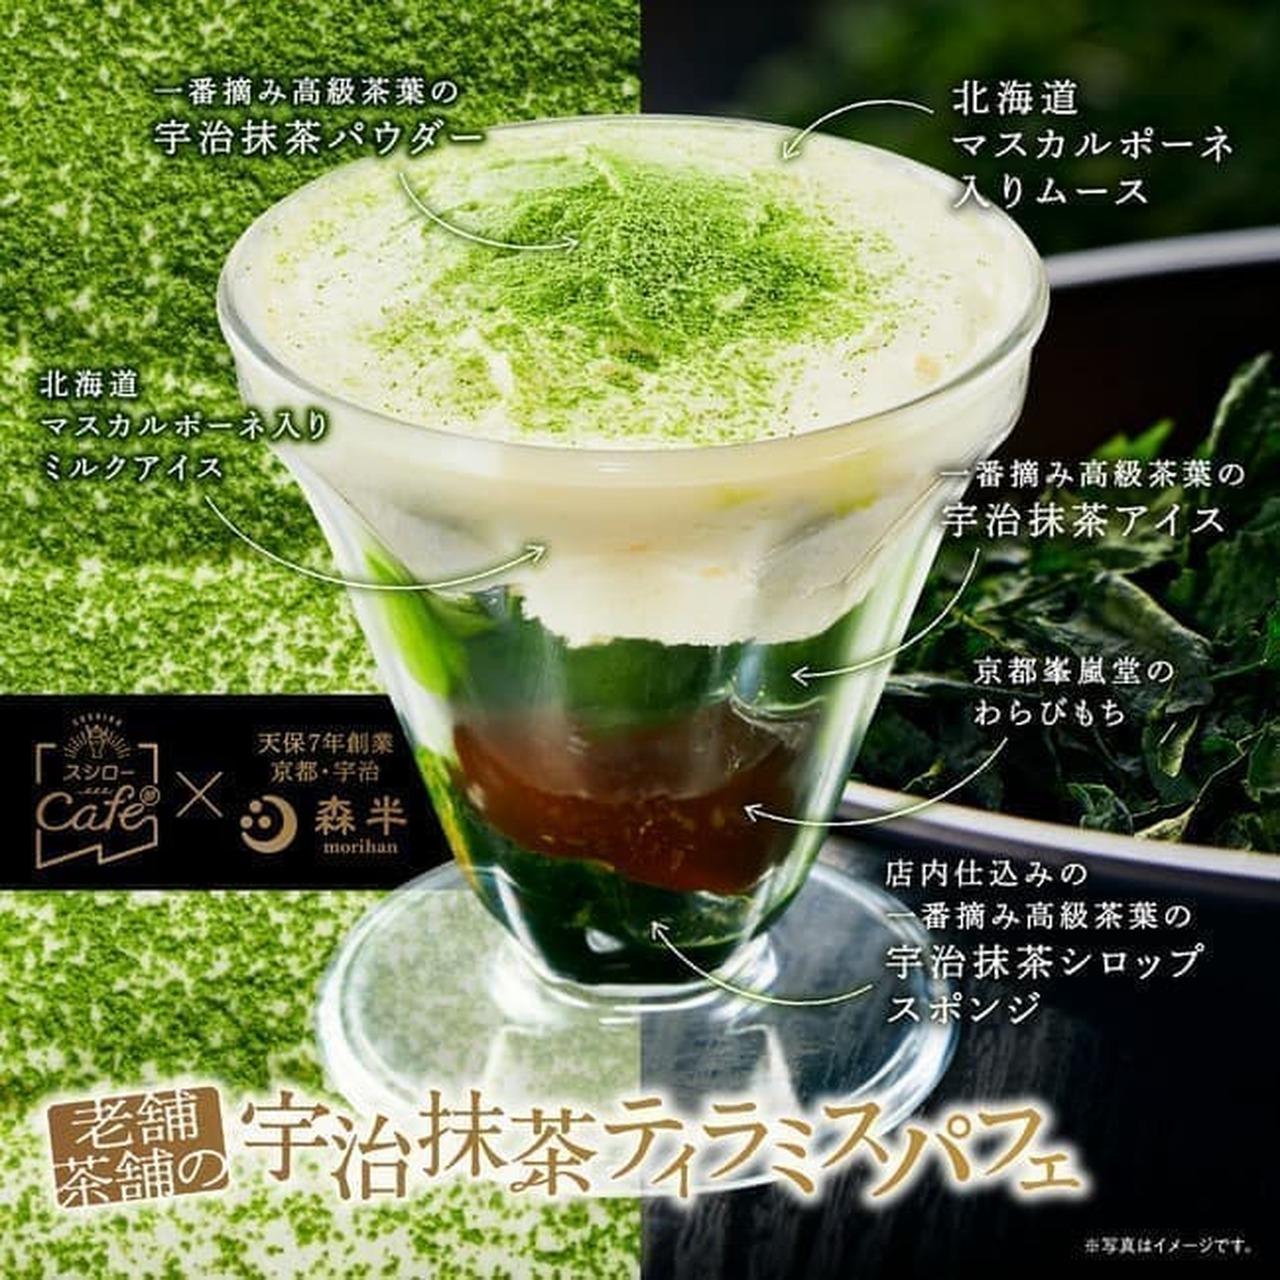 スシローカフェ部×森半コラボレーション第2弾「老舗茶舗の宇治抹茶ティラミスパフェ」